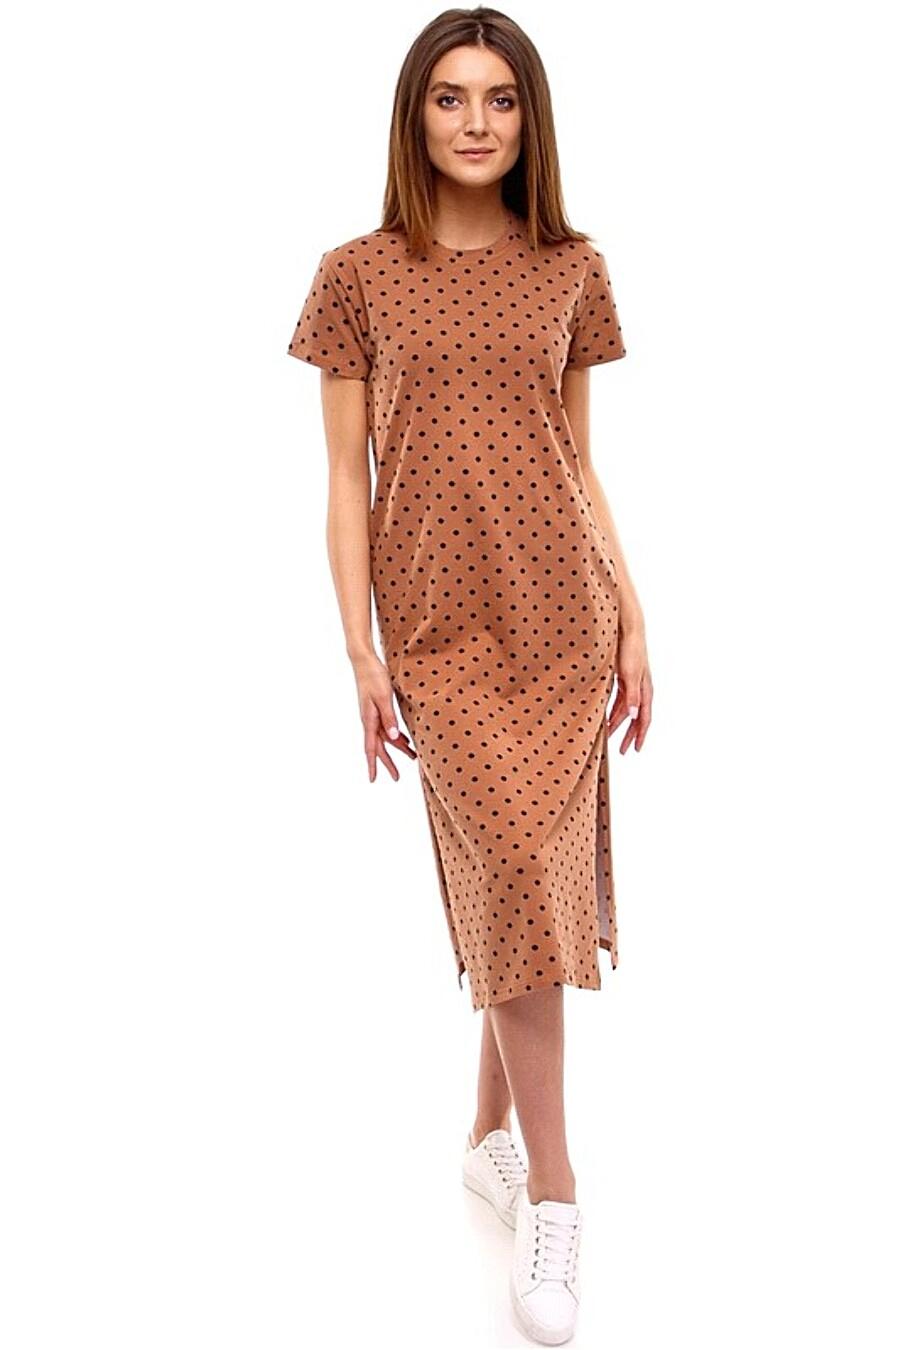 Платье для женщин АПРЕЛЬ 218921 купить оптом от производителя. Совместная покупка женской одежды в OptMoyo